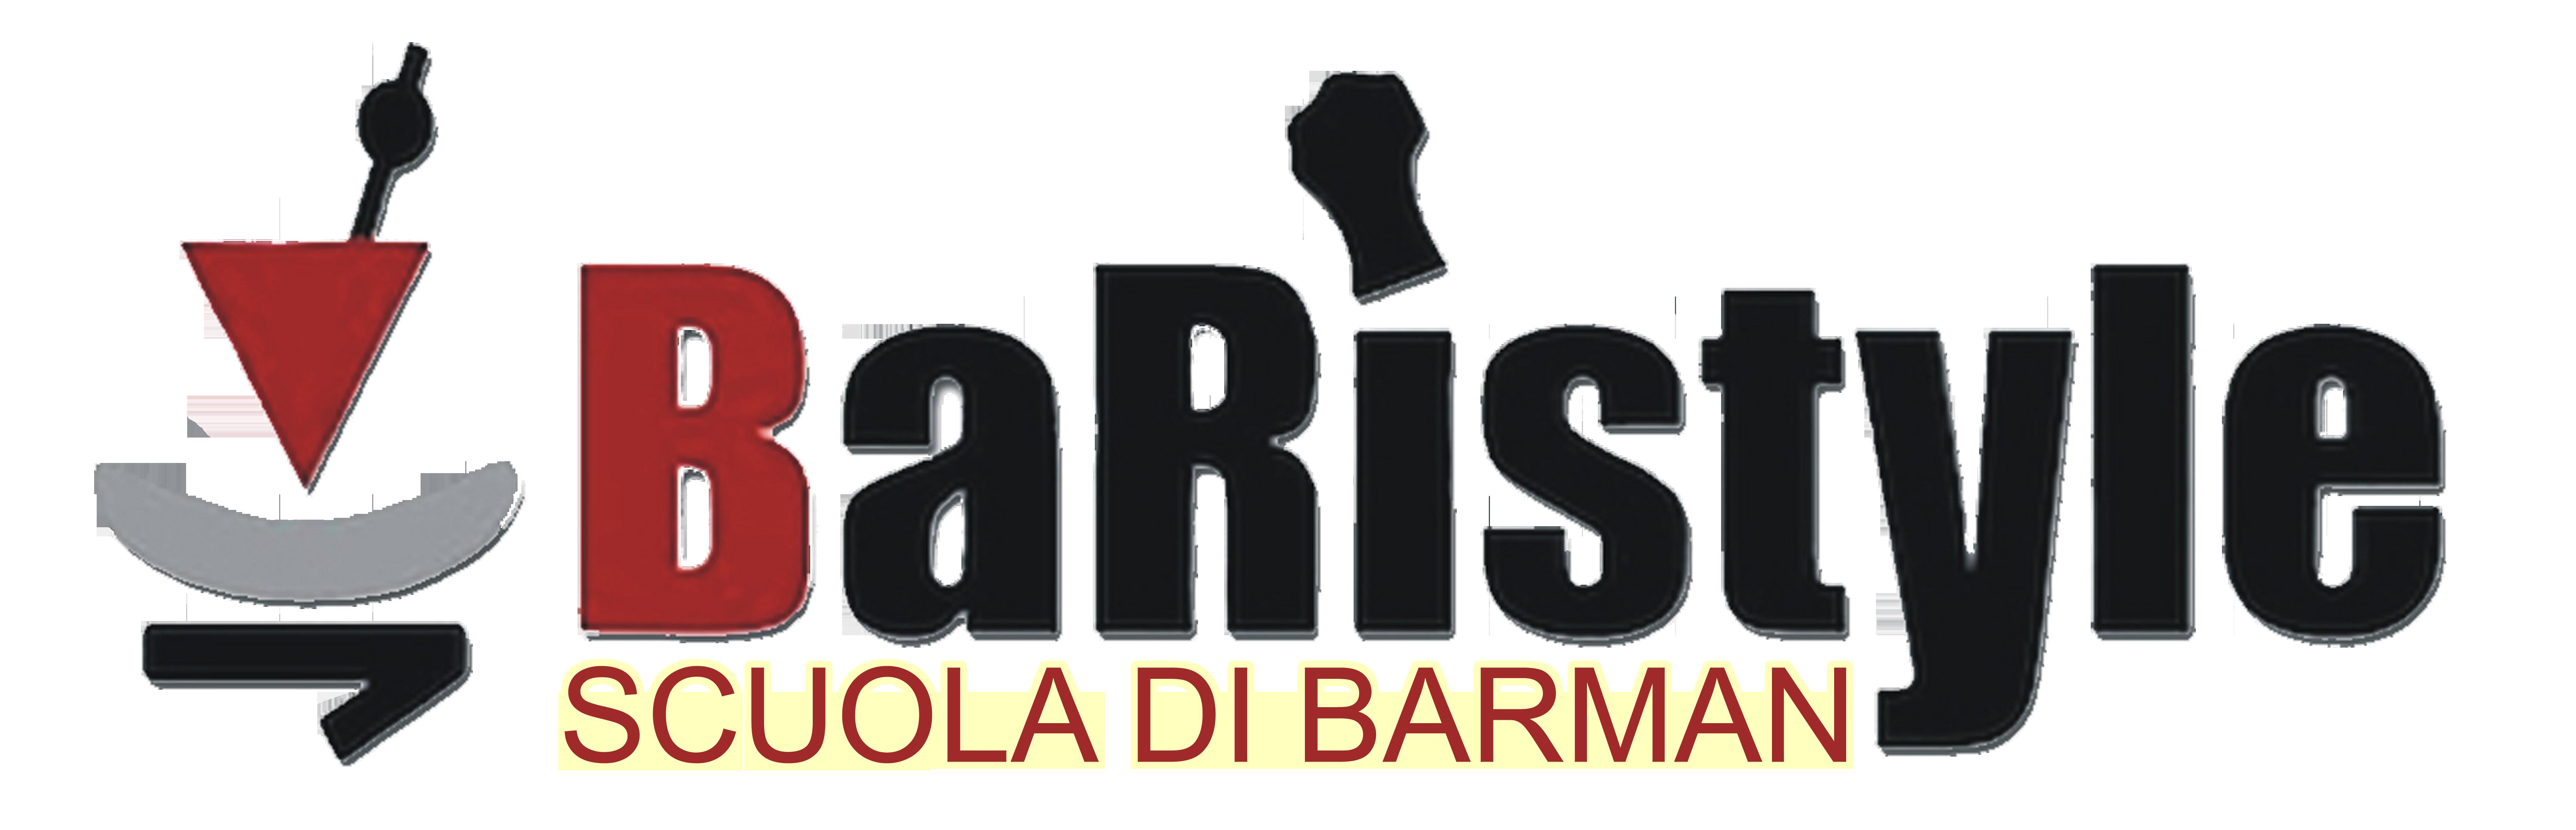 Baristyle - Scuola di Barman